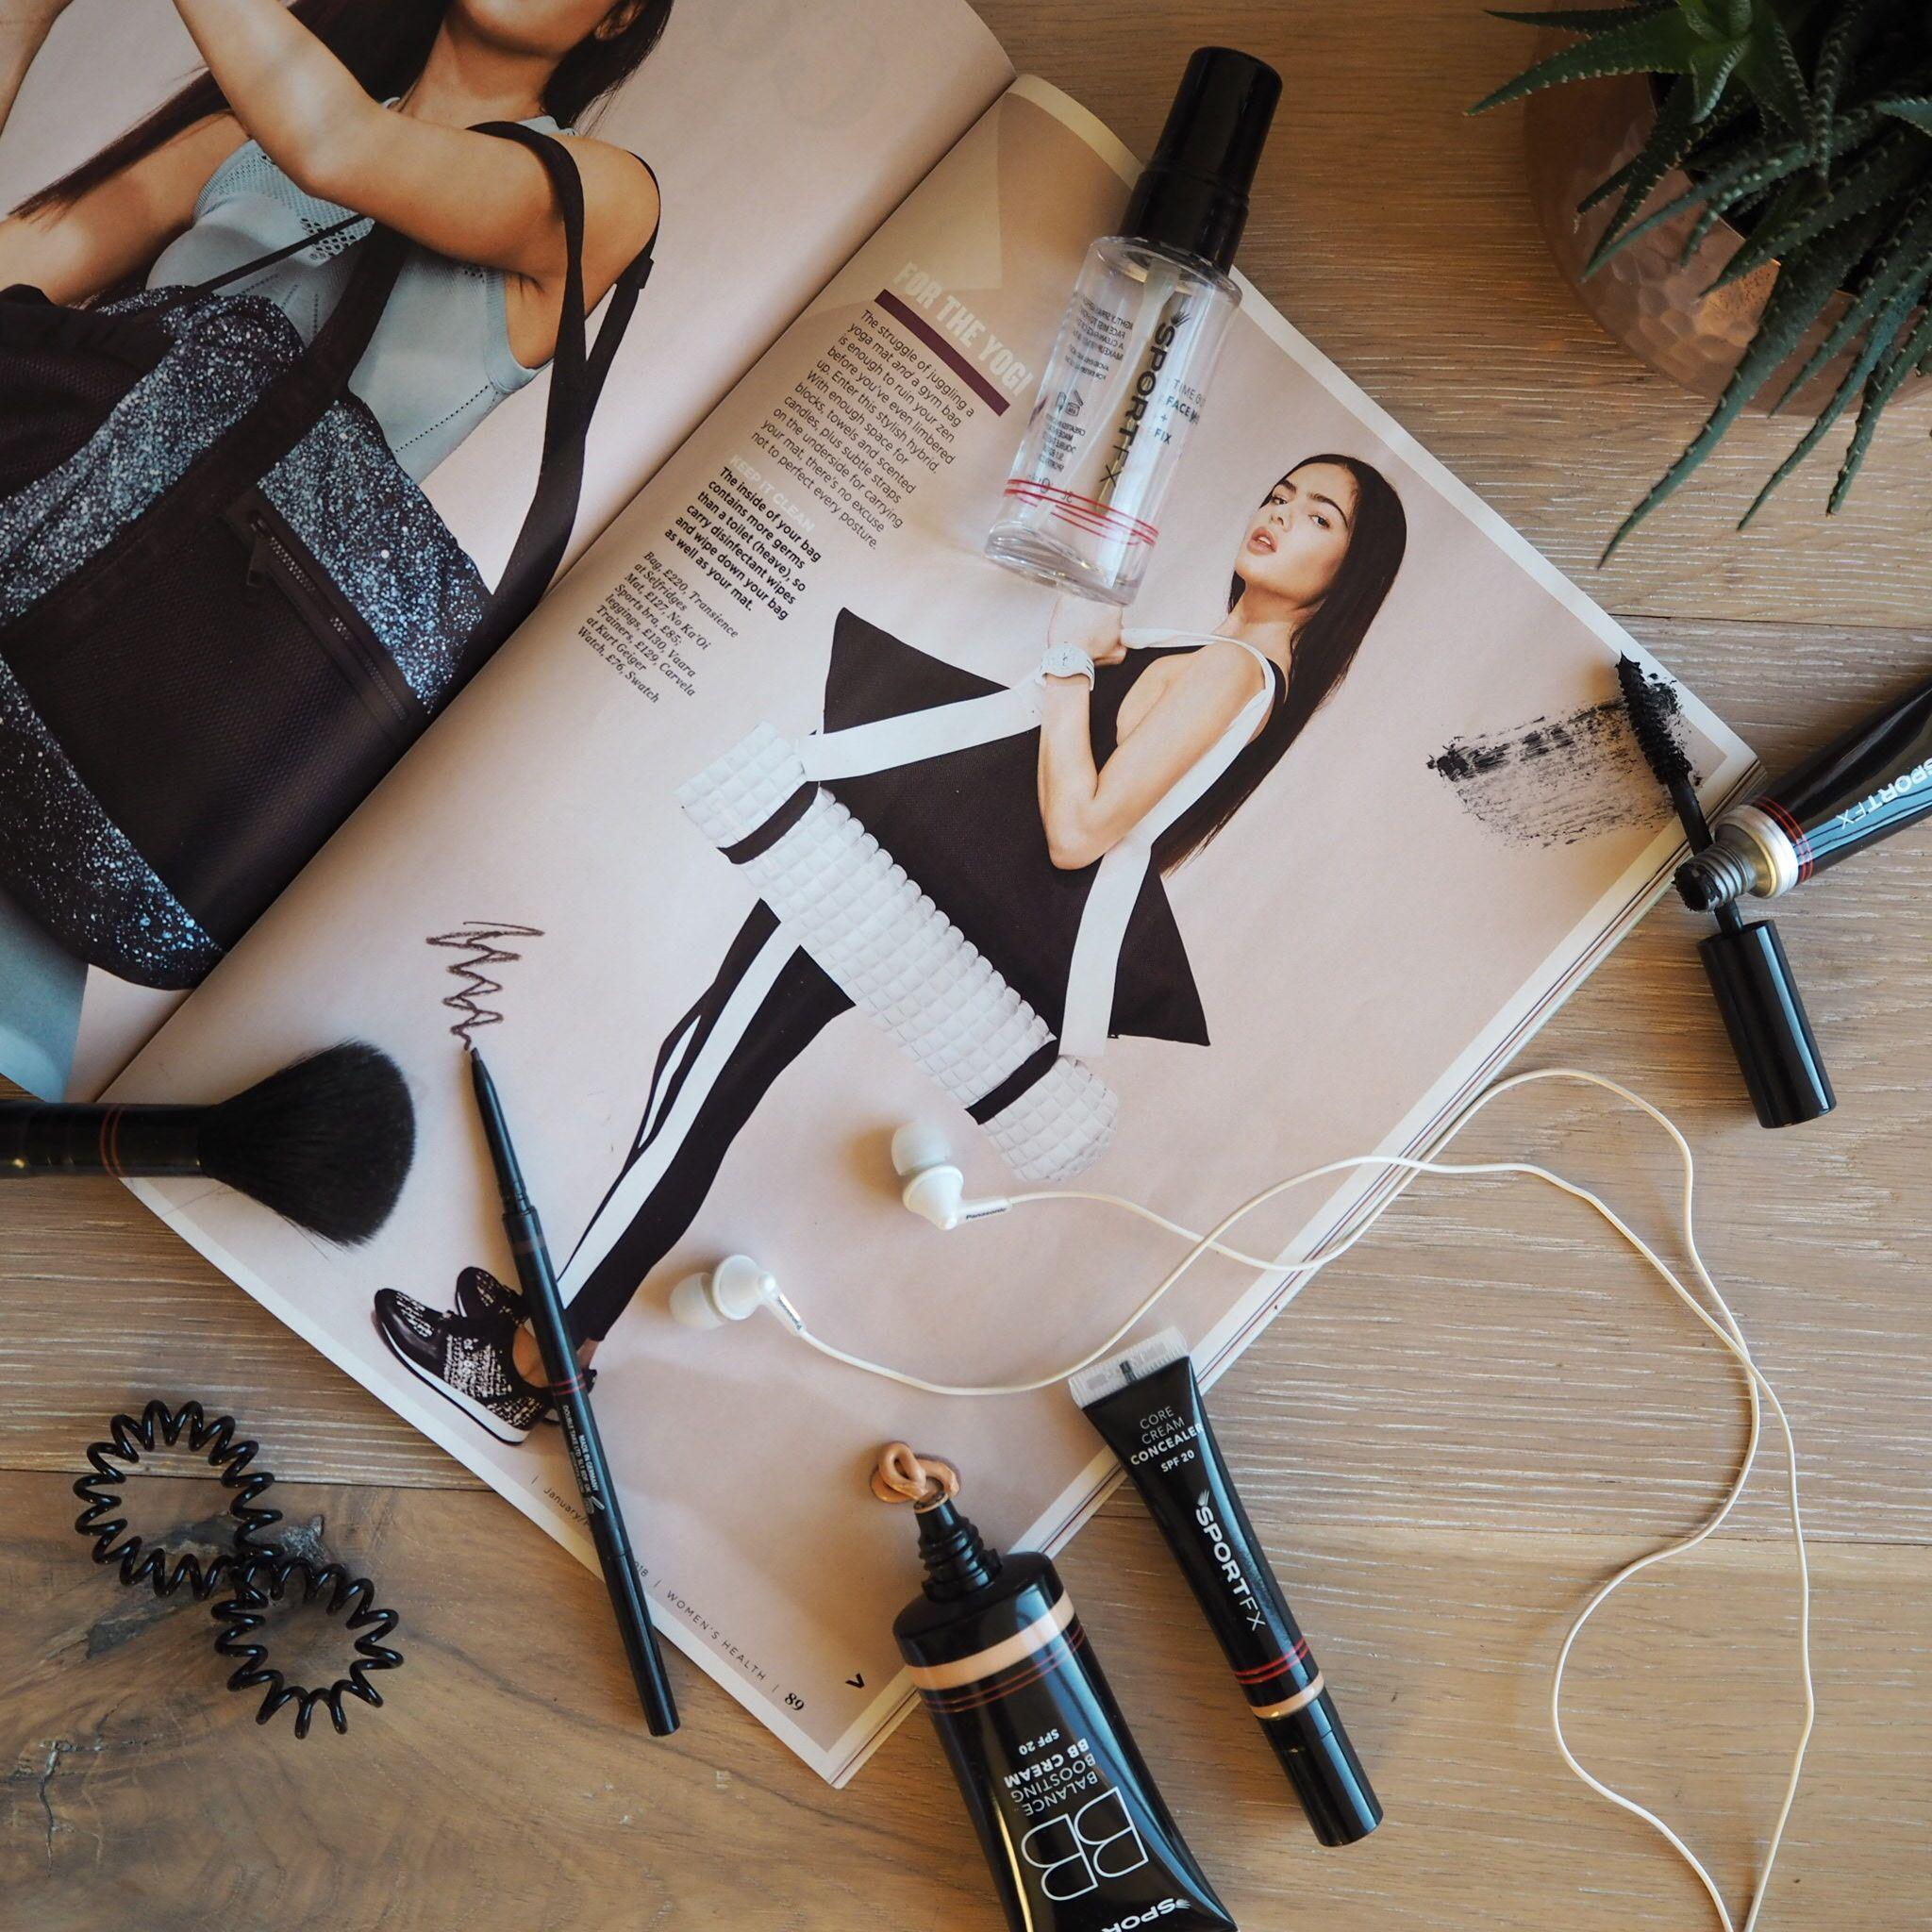 Sportfx Cosmetics Cosmetics Instagram Luminous